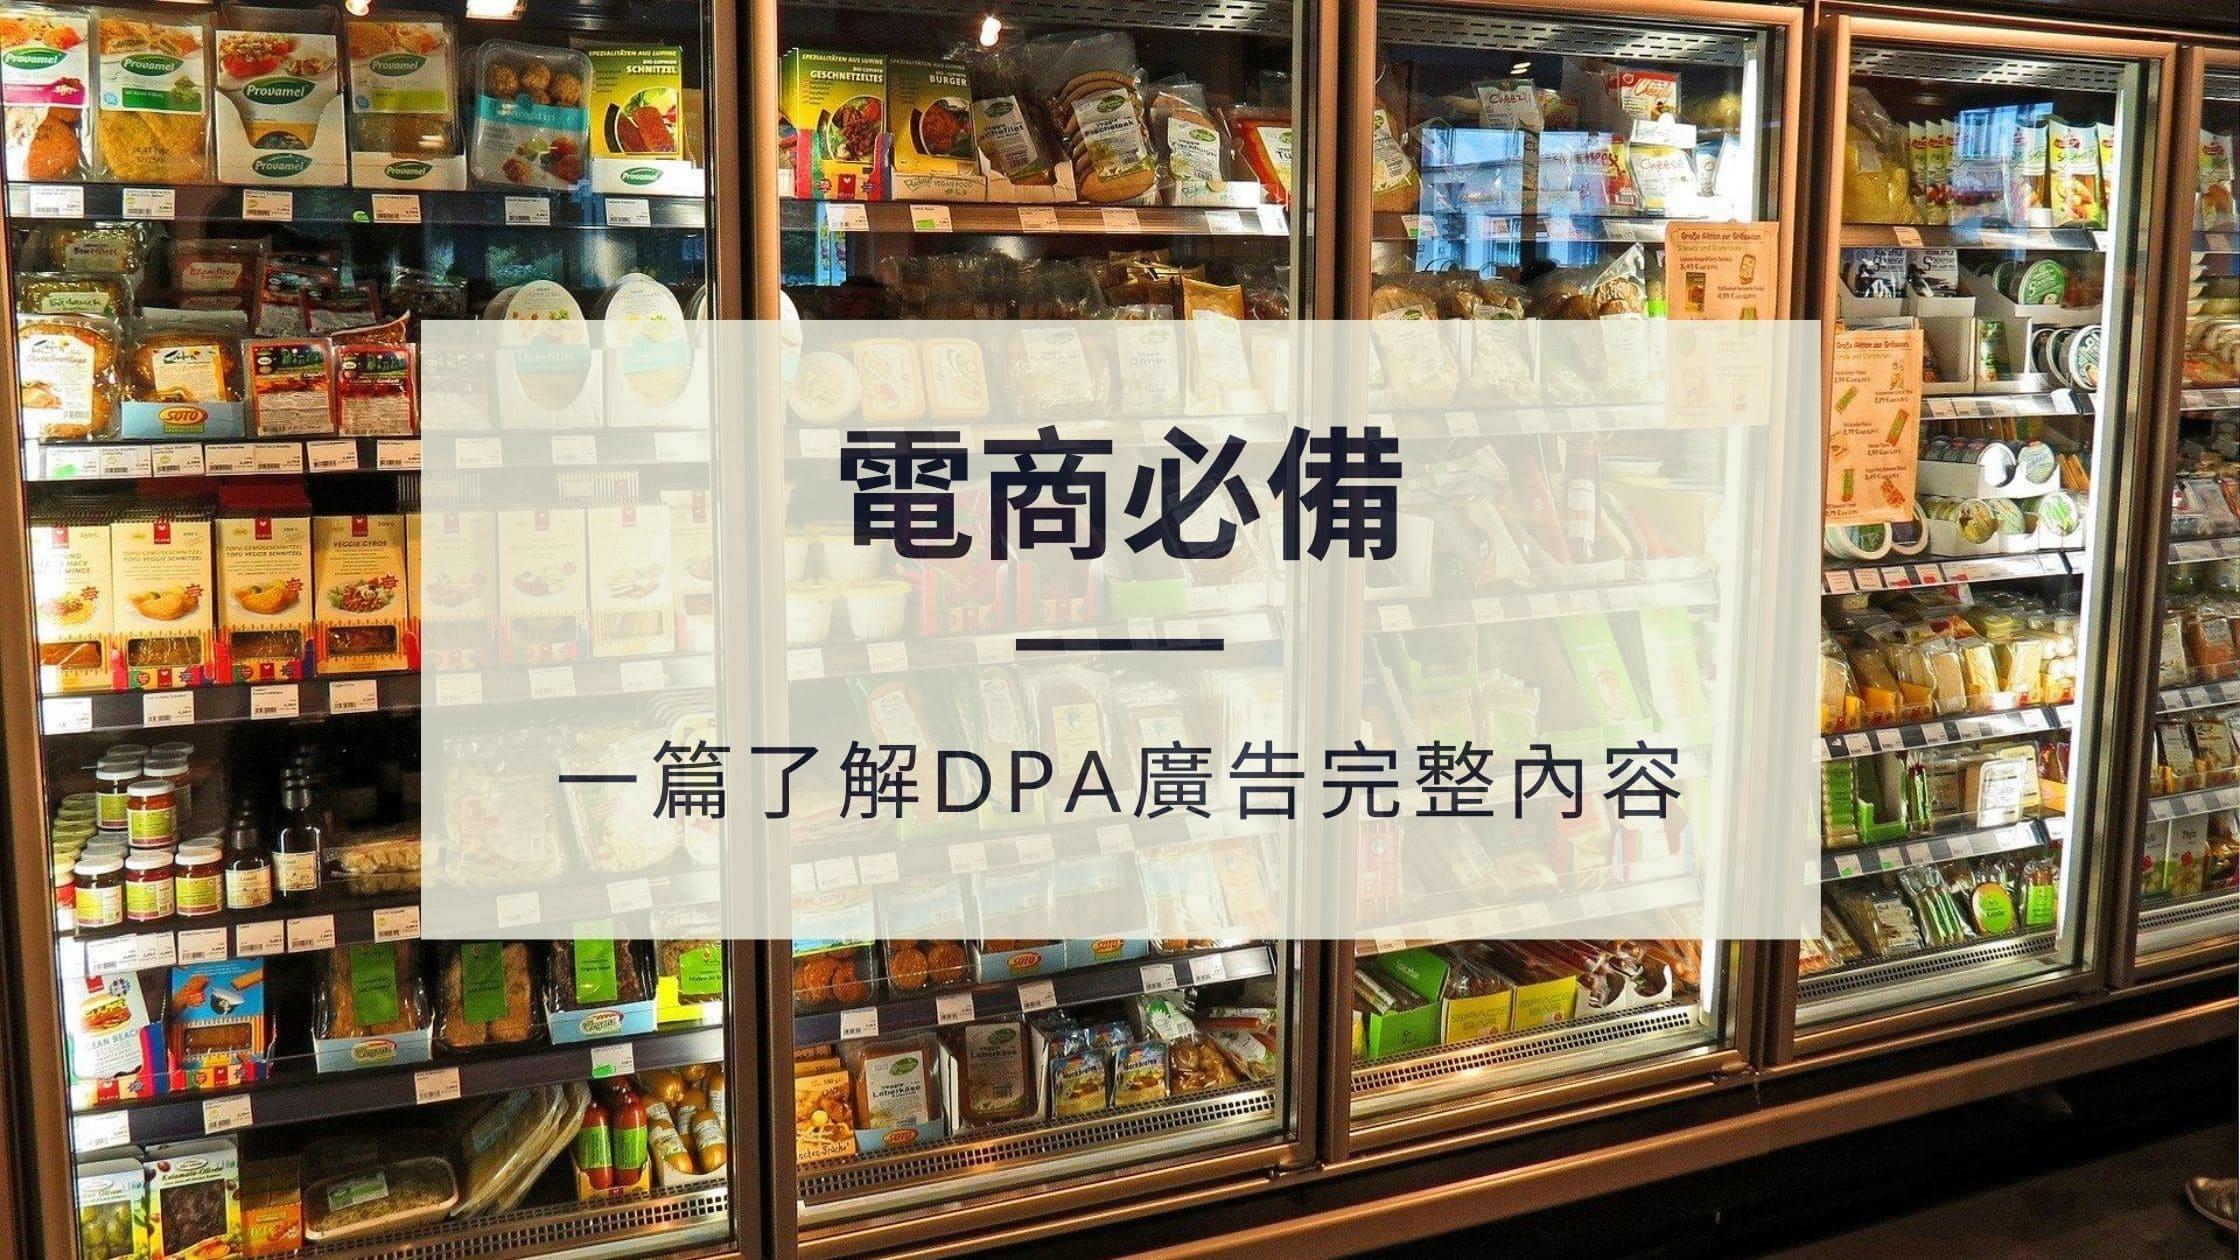 DPA廣告是甚麼?電商必備的FB動態產品廣告介紹